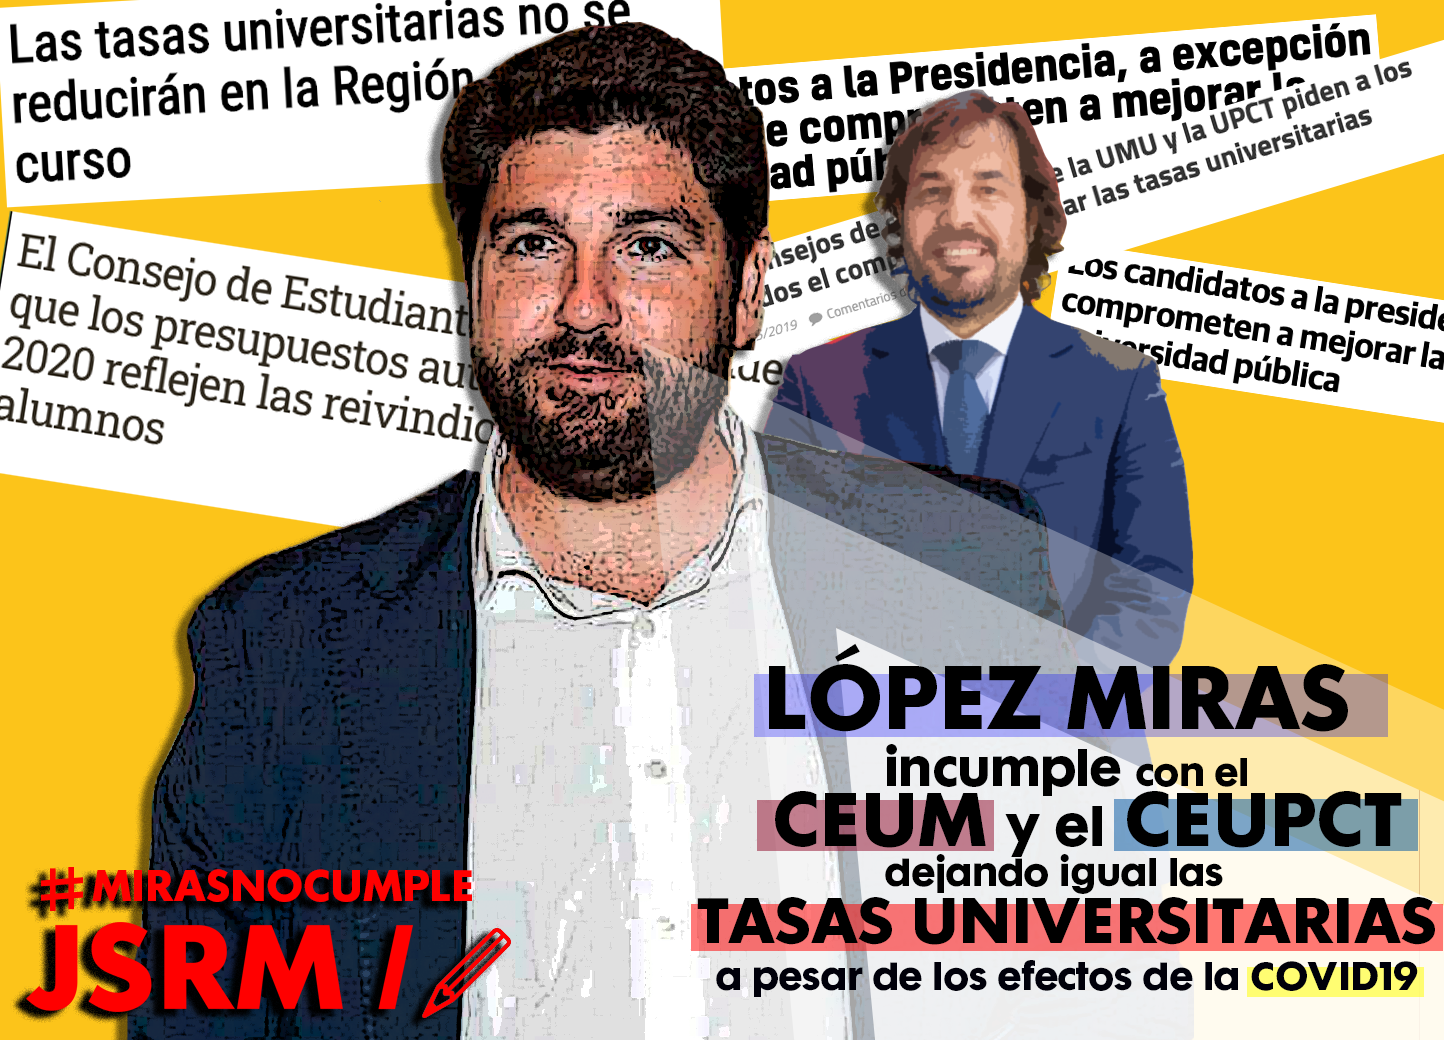 Juventudes Socialistas de Murcia reclaman que se cumplan las promesas electorales del Ejecutivo Regional en materia de universidades y aseguran que el presidente falta a su palabra